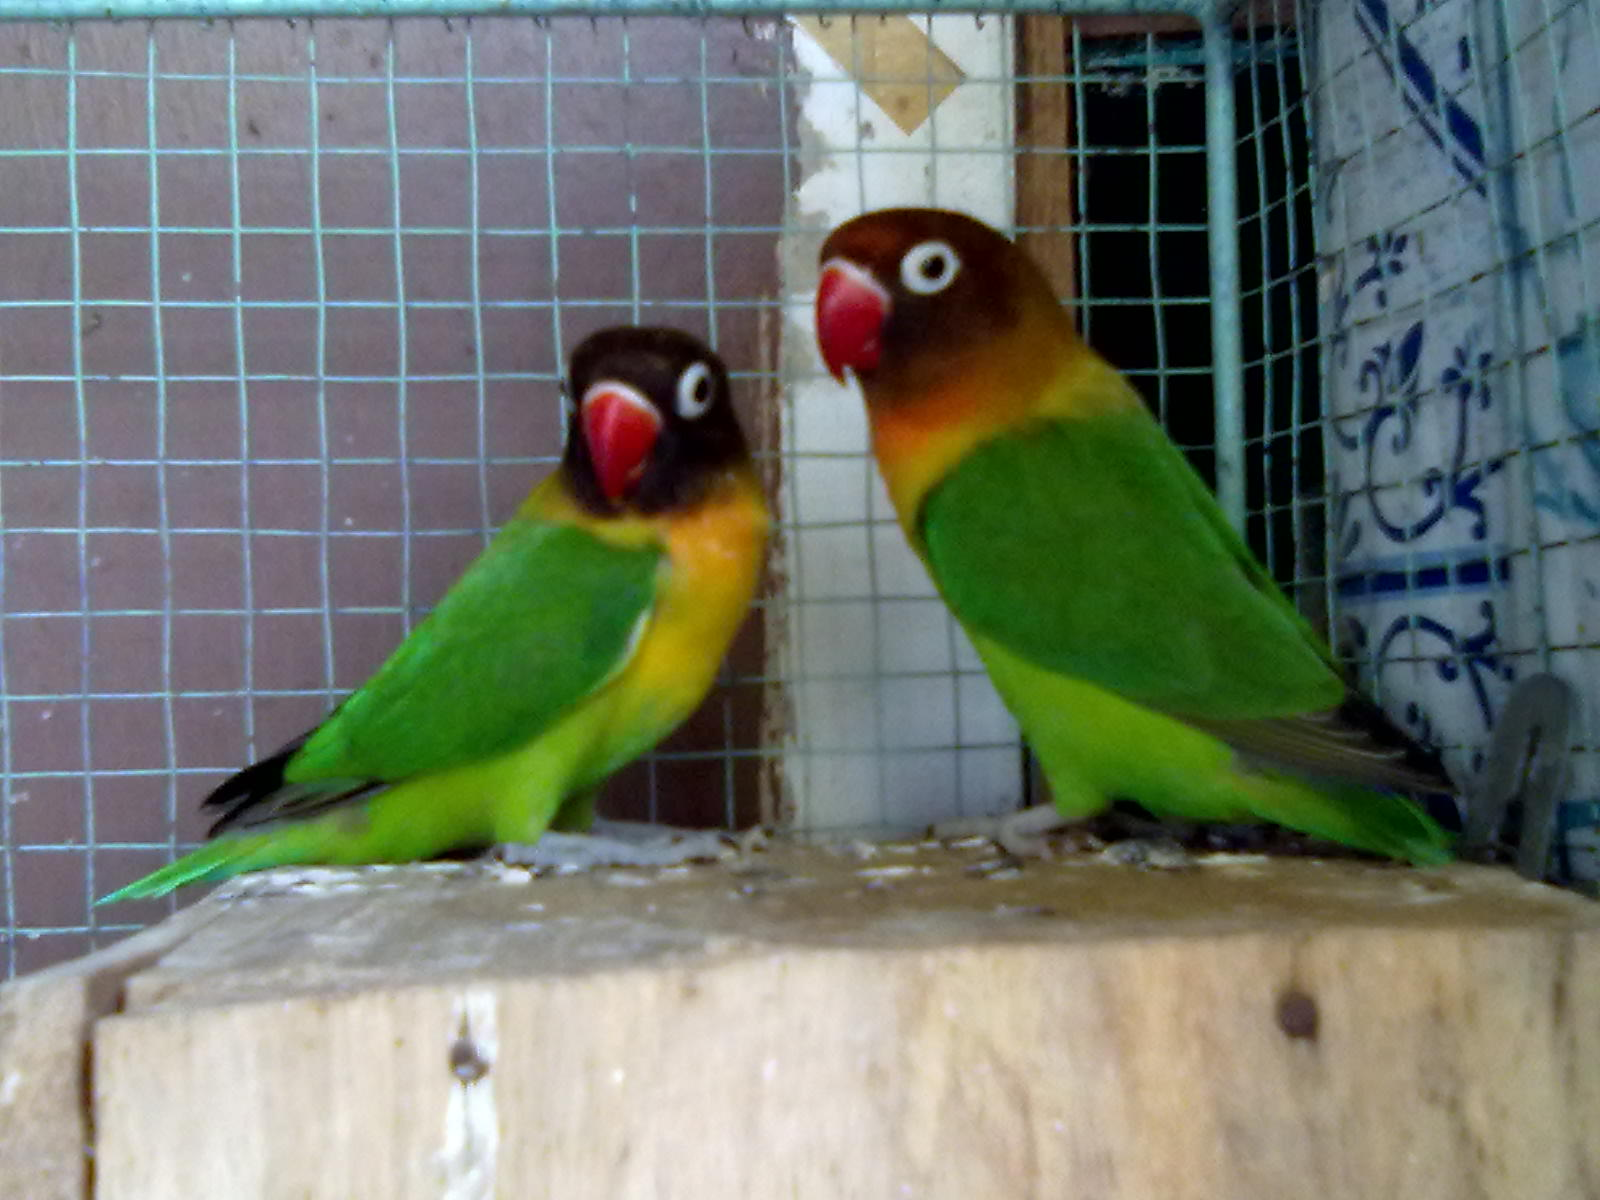 jual beli anakan lovebird murah surabaya jual beli anakan lovebird ...